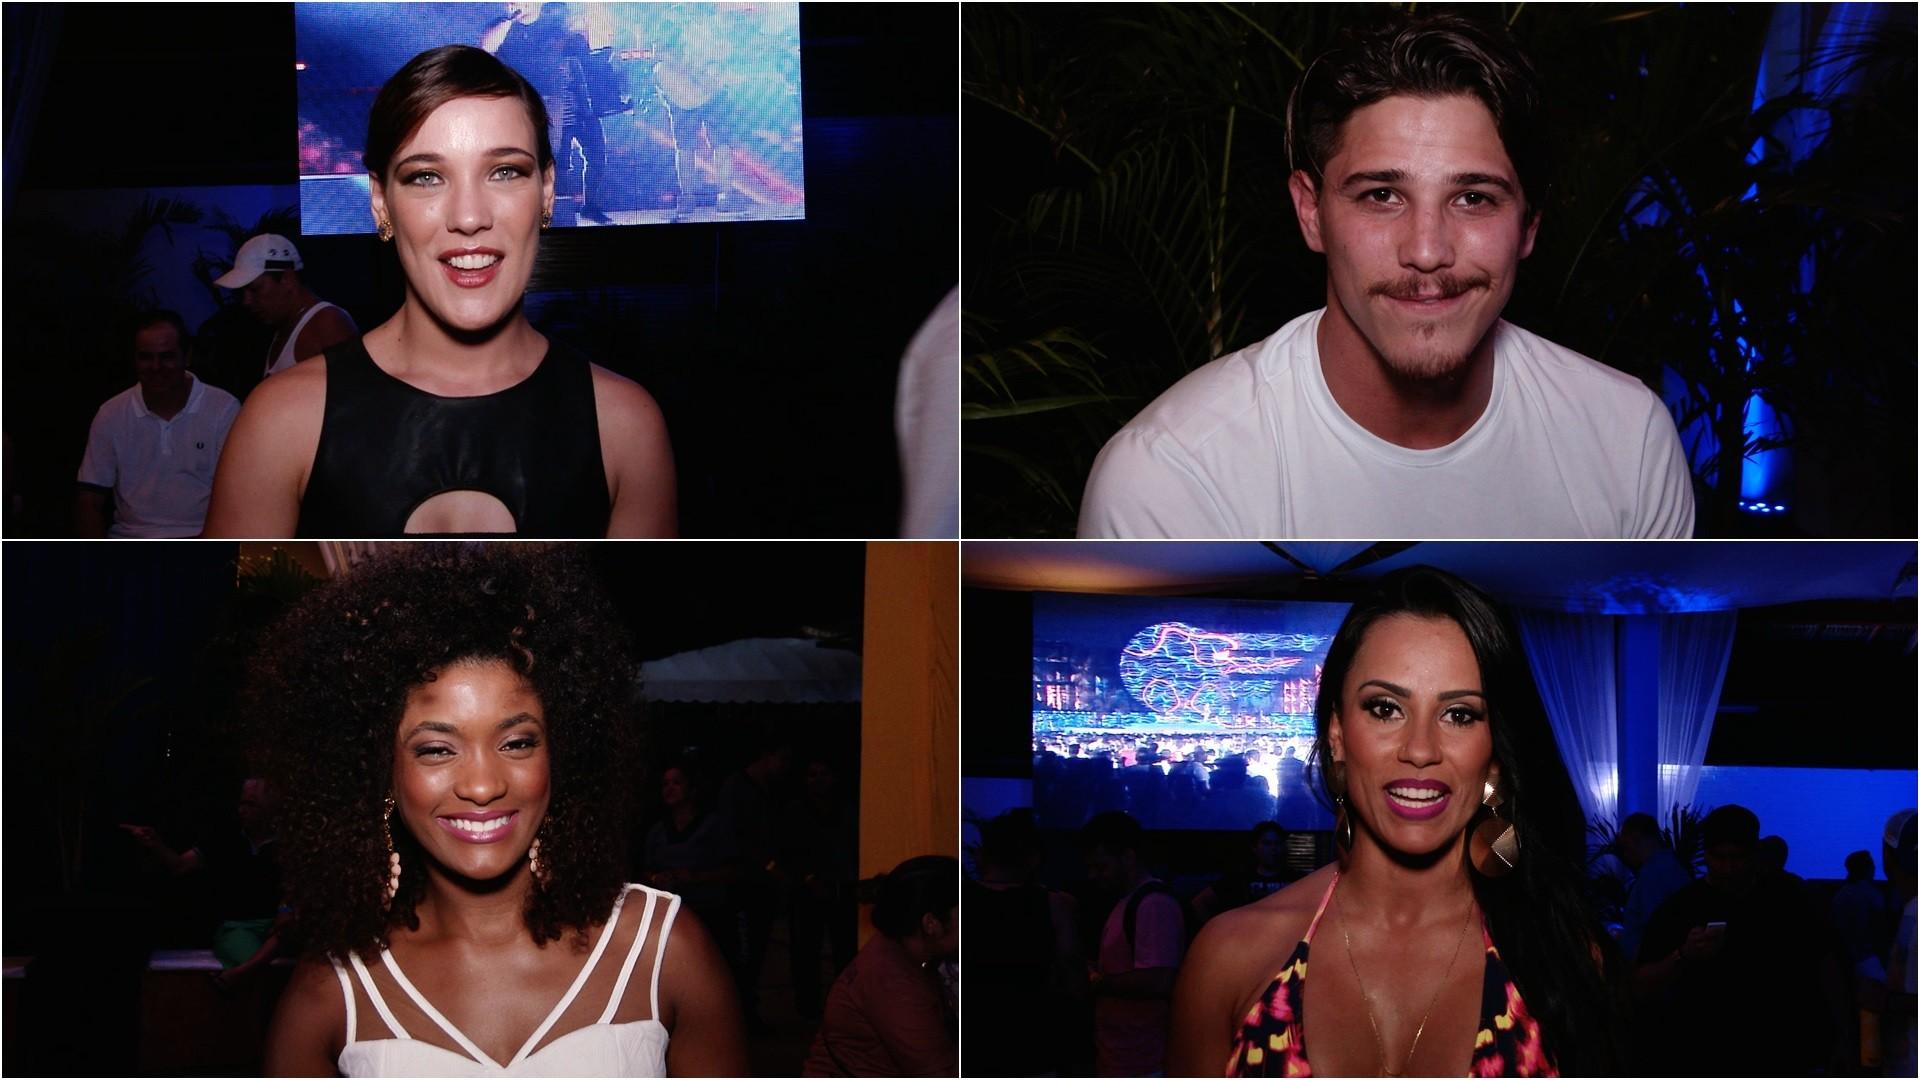 Entre os convidados estavam as atrizes Adriana Birolli, Erika Janusa, o ator Rômulo Neto e a ex-BBB e ex-dançarina do Aviões, Kelly Medeiros (Foto: Haroldo Braga / TV Verdes Mares)